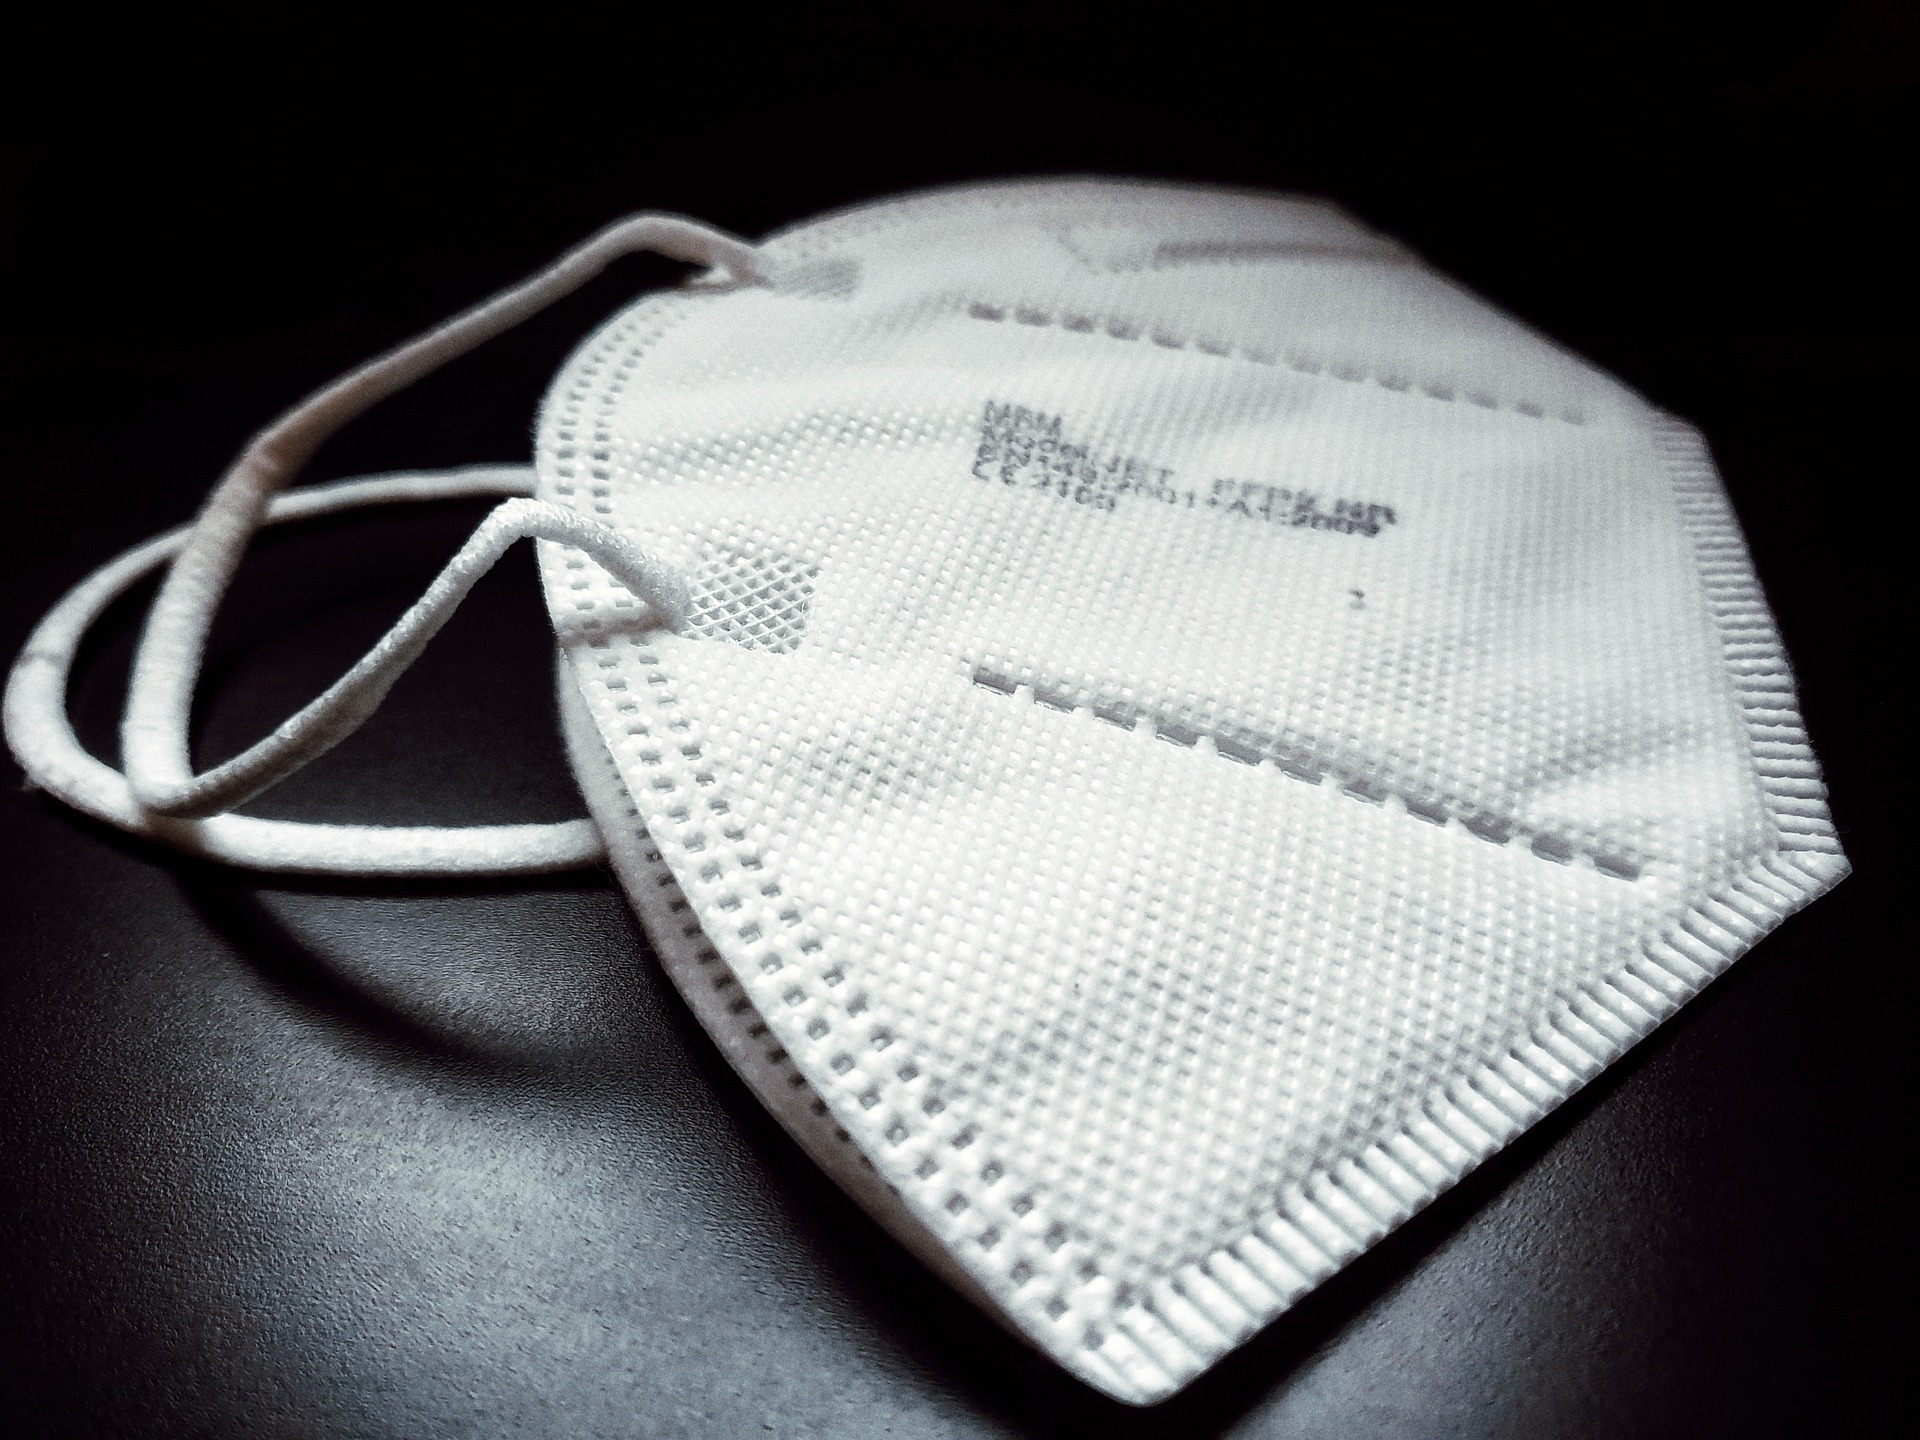 FFP2-Masken sollen Staub, Rauch und auch Viren abhalten. (Symbolfoto: pixabay)